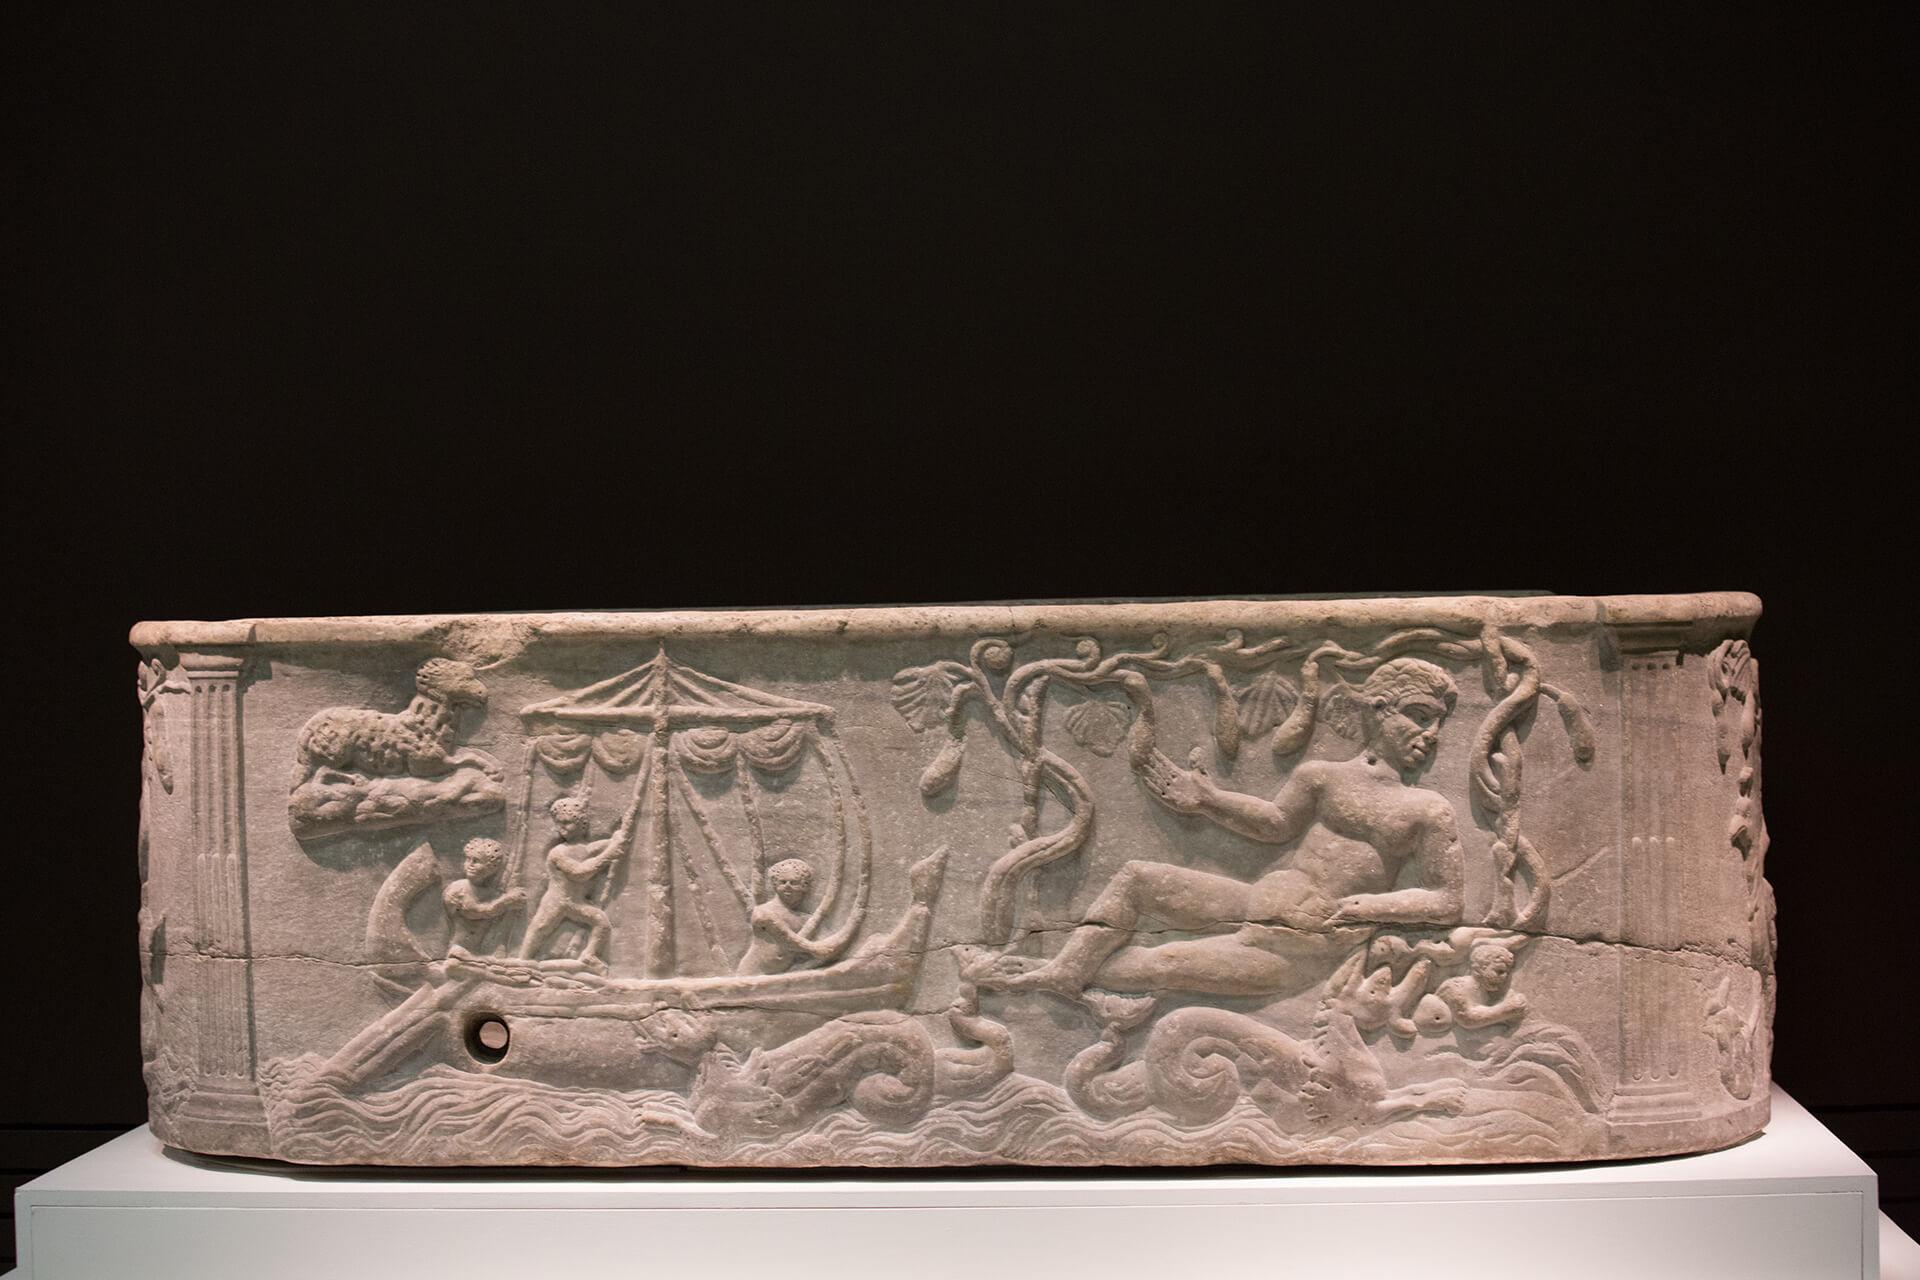 譚社儉打趣說這是古代浴缸,但其實是刻有聖經故事的羅馬石棺。